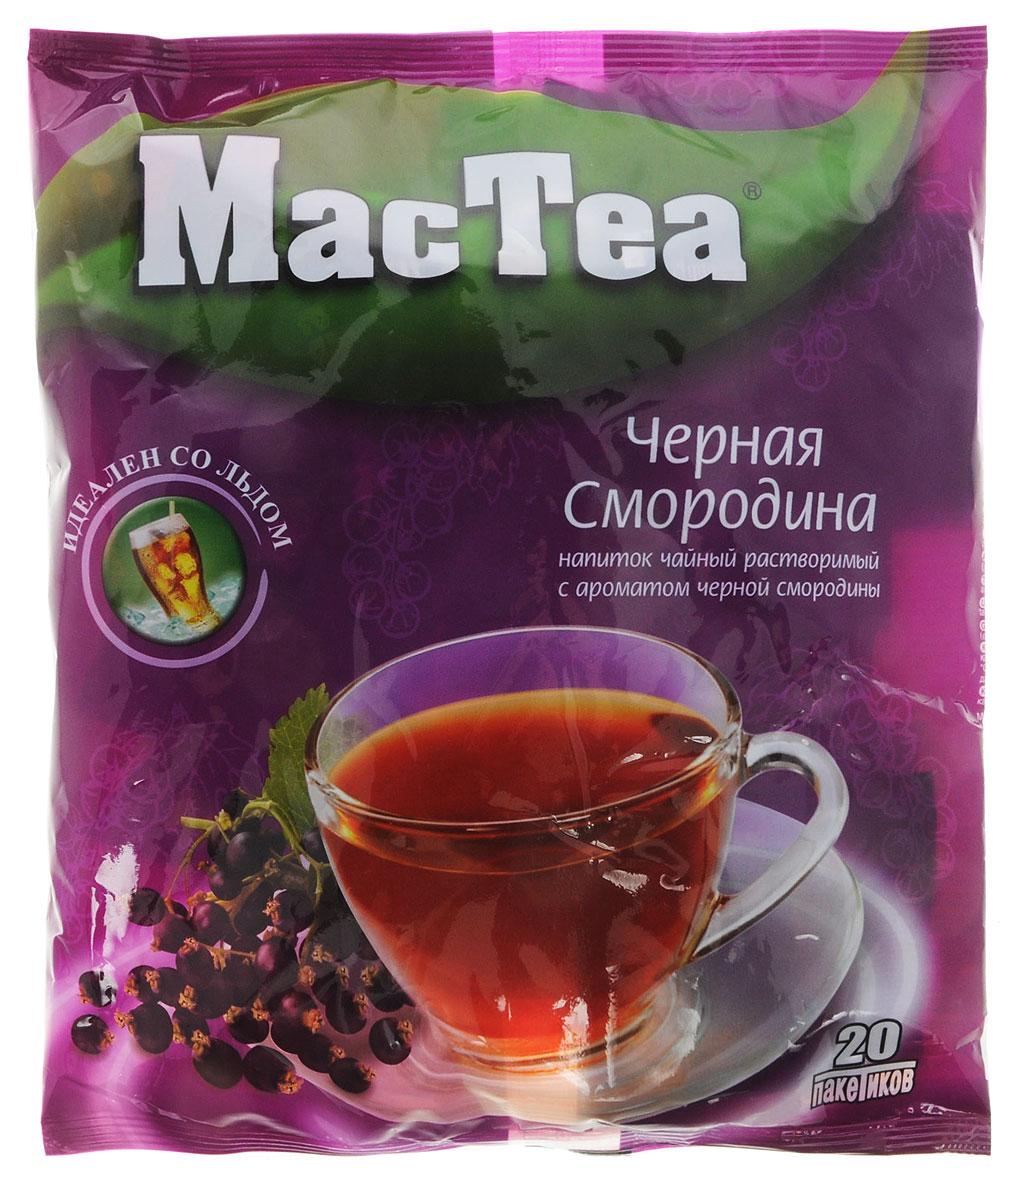 MacTea напиток чайный с черной смородиной, 20 шт8887290103350Растворимый чайный напиток MacTea с ароматом черной смородины понравится и детям, и взрослым. Этот напиток можно употреблять как в холодном, так и в горячем виде. Для приготовления необходимо залить содержимое пакетика стаканом воды и тщательно размешать.